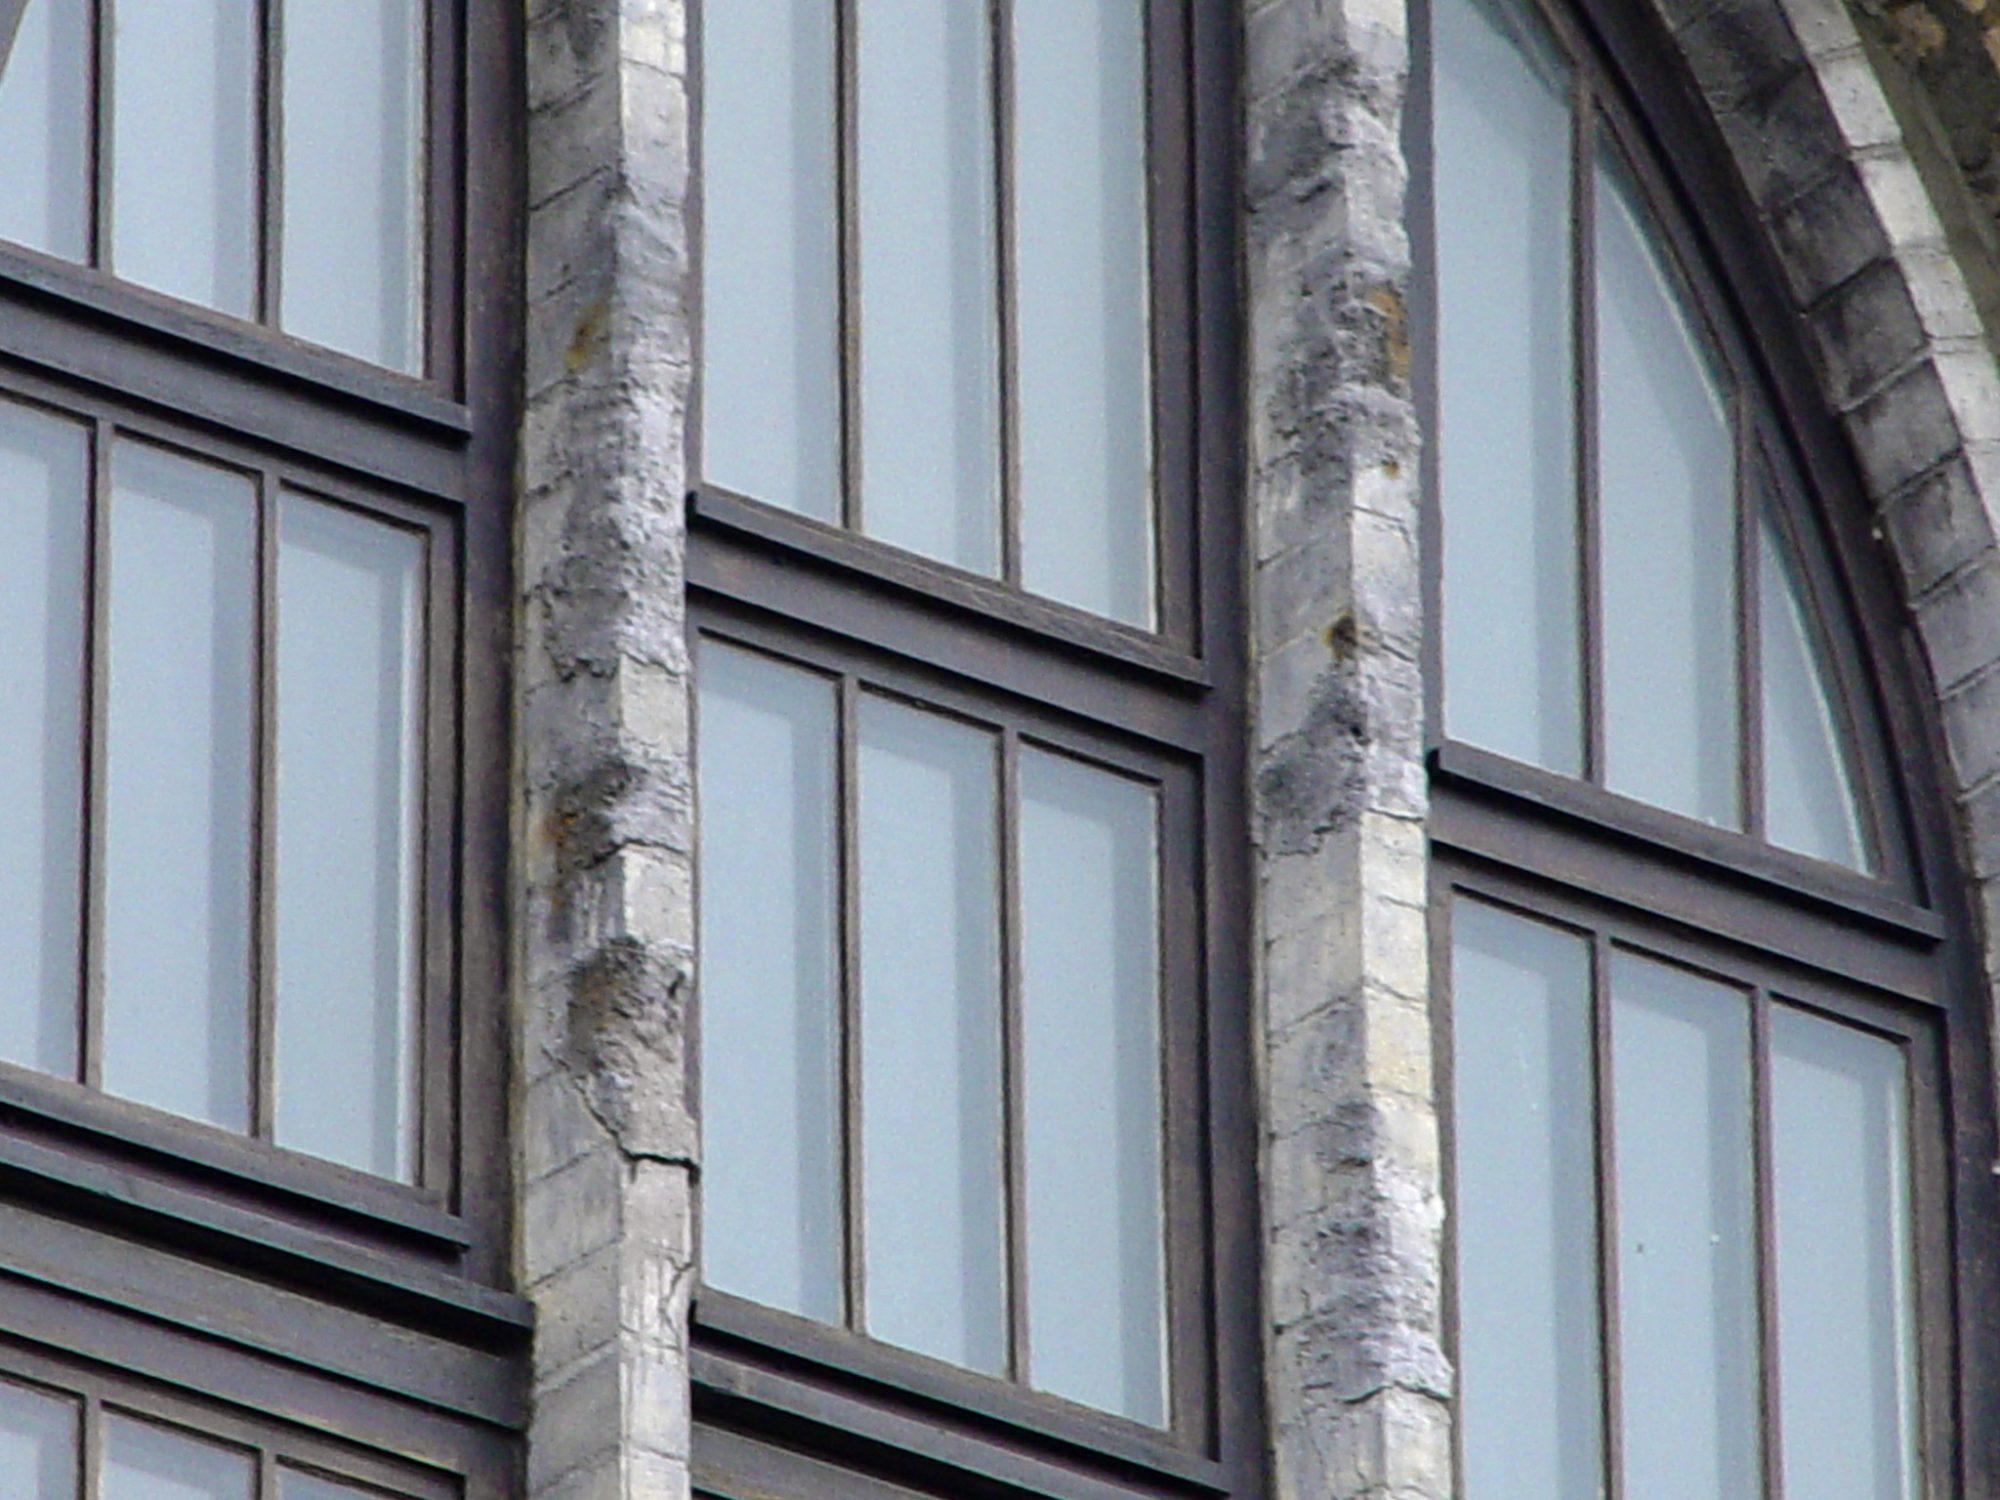 Full Size of Fenster Rostock St Nikolaikirche Stiftung Kirchliches Bauen In Mecklenburg 120x120 Gardinen Mit Integriertem Rollladen Marken Felux Einbau Alarmanlage Auto Fenster Fenster Rostock